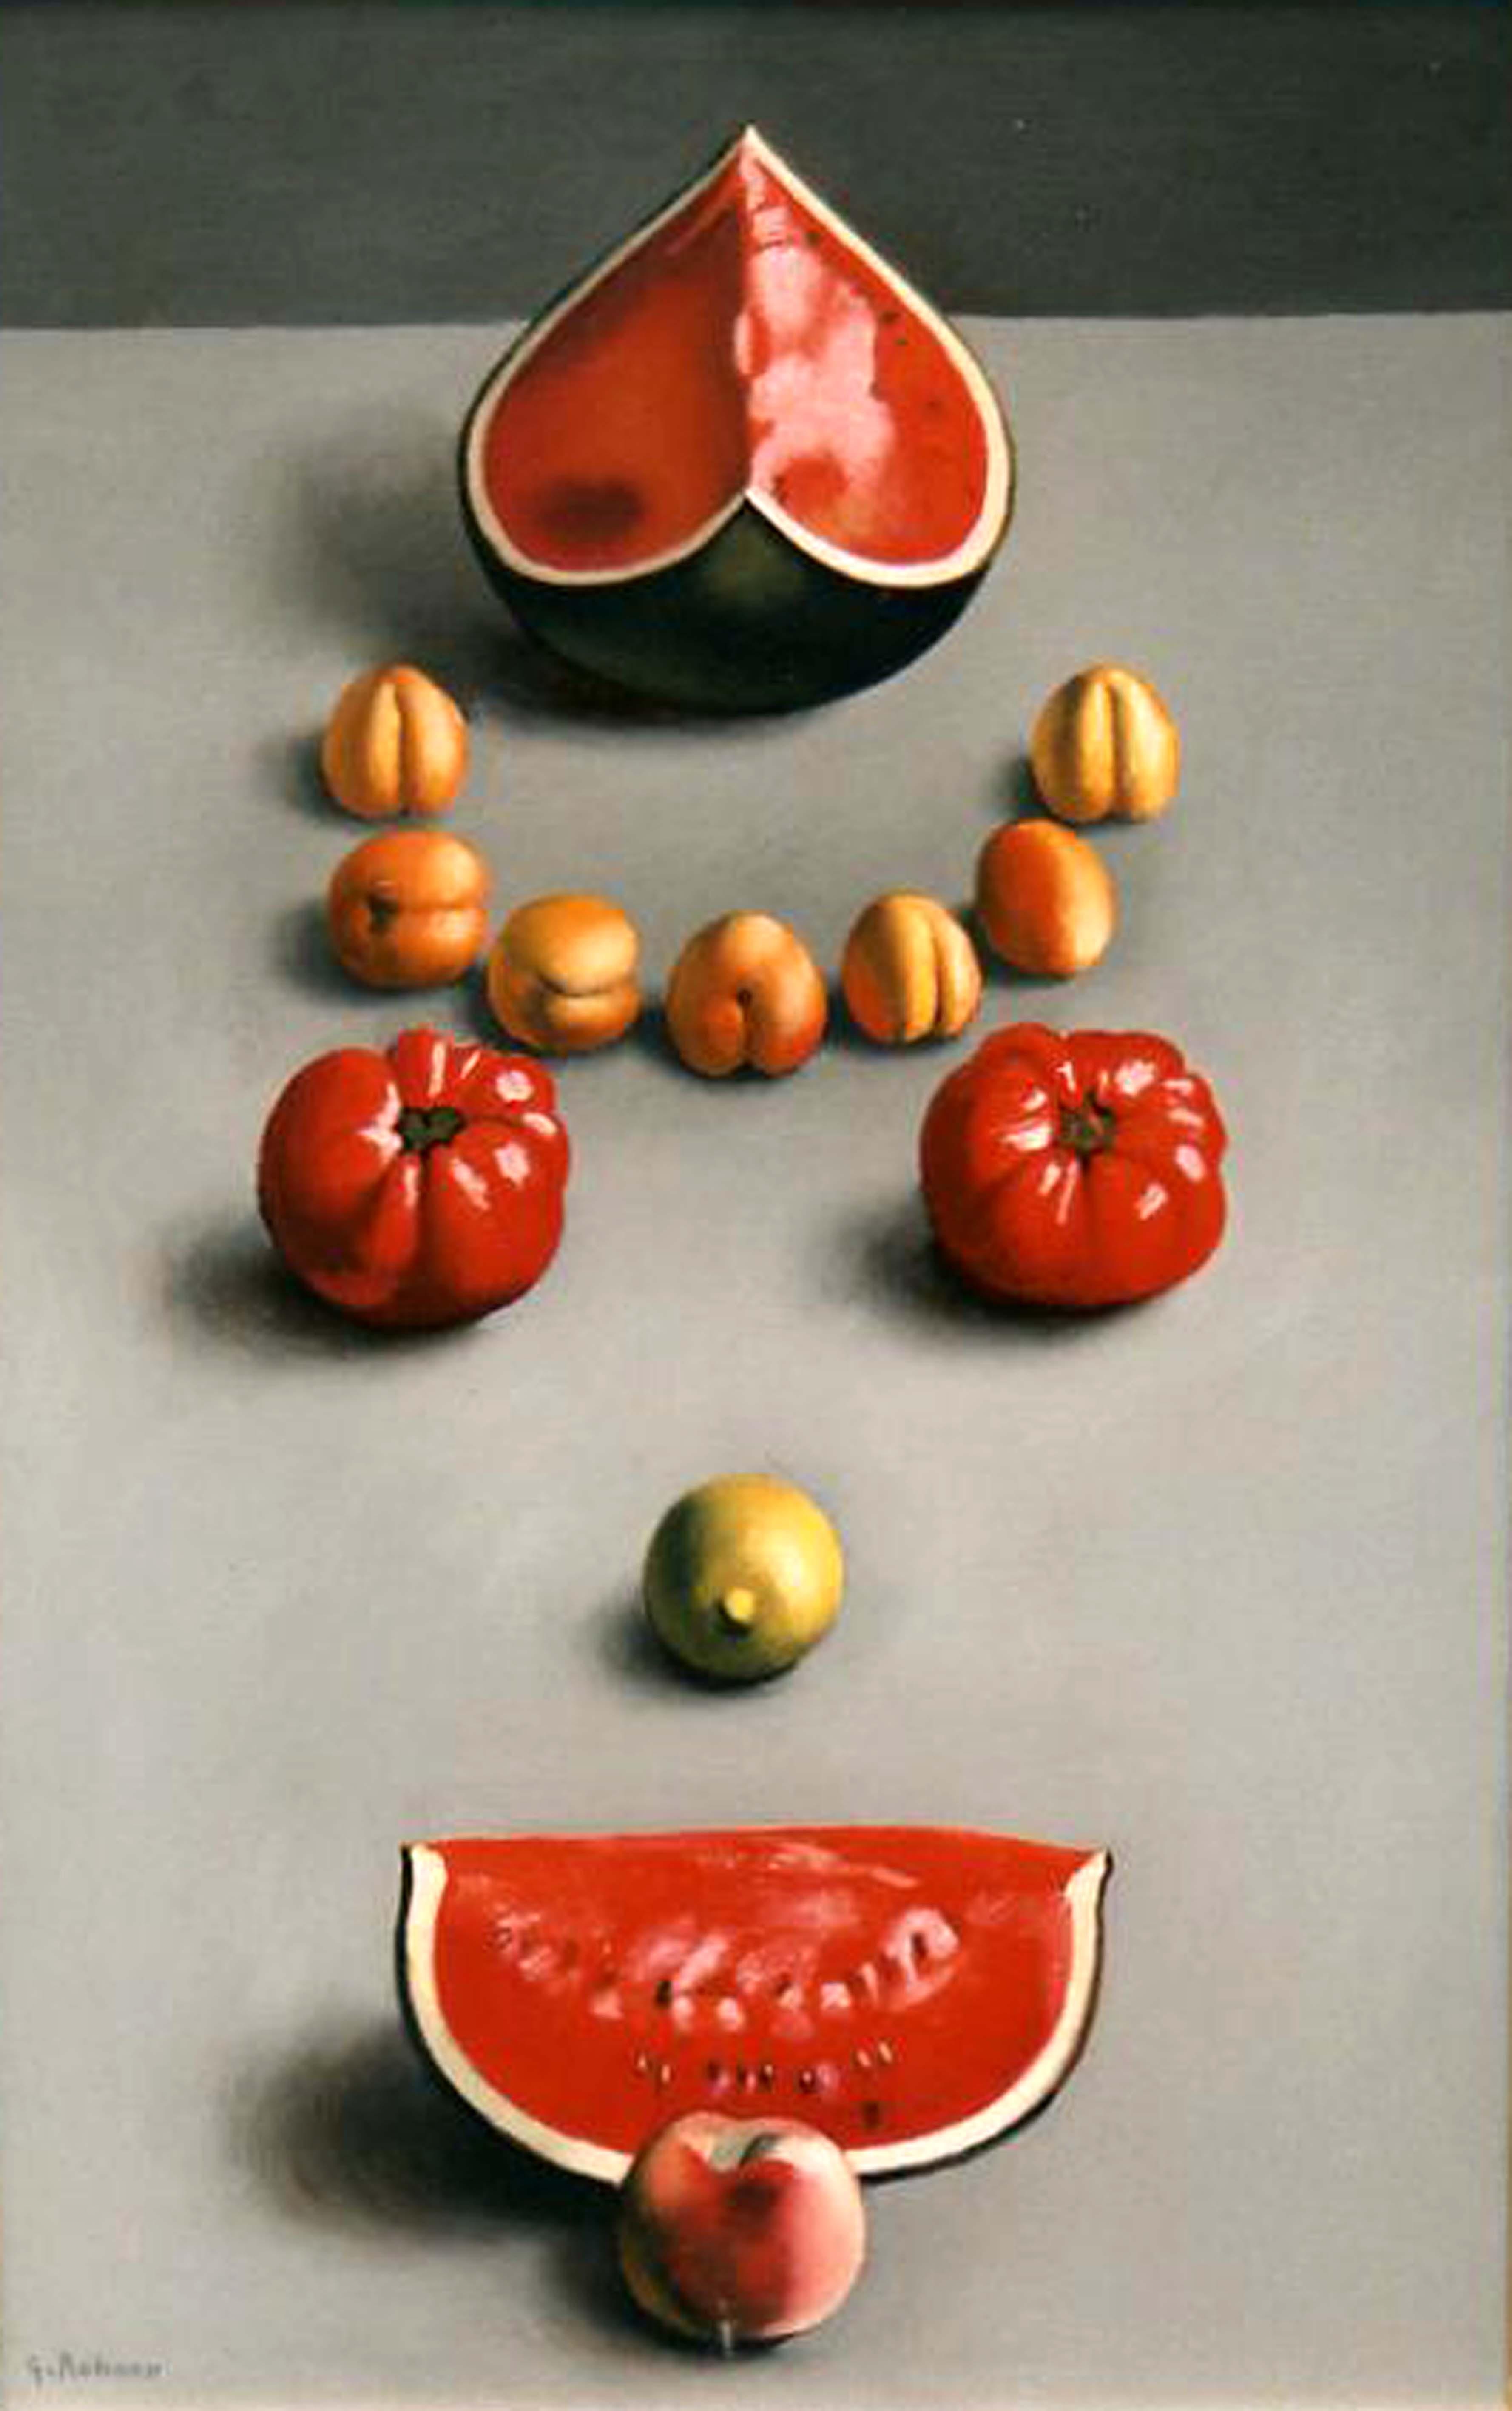 Pastèques, pêches et tomates